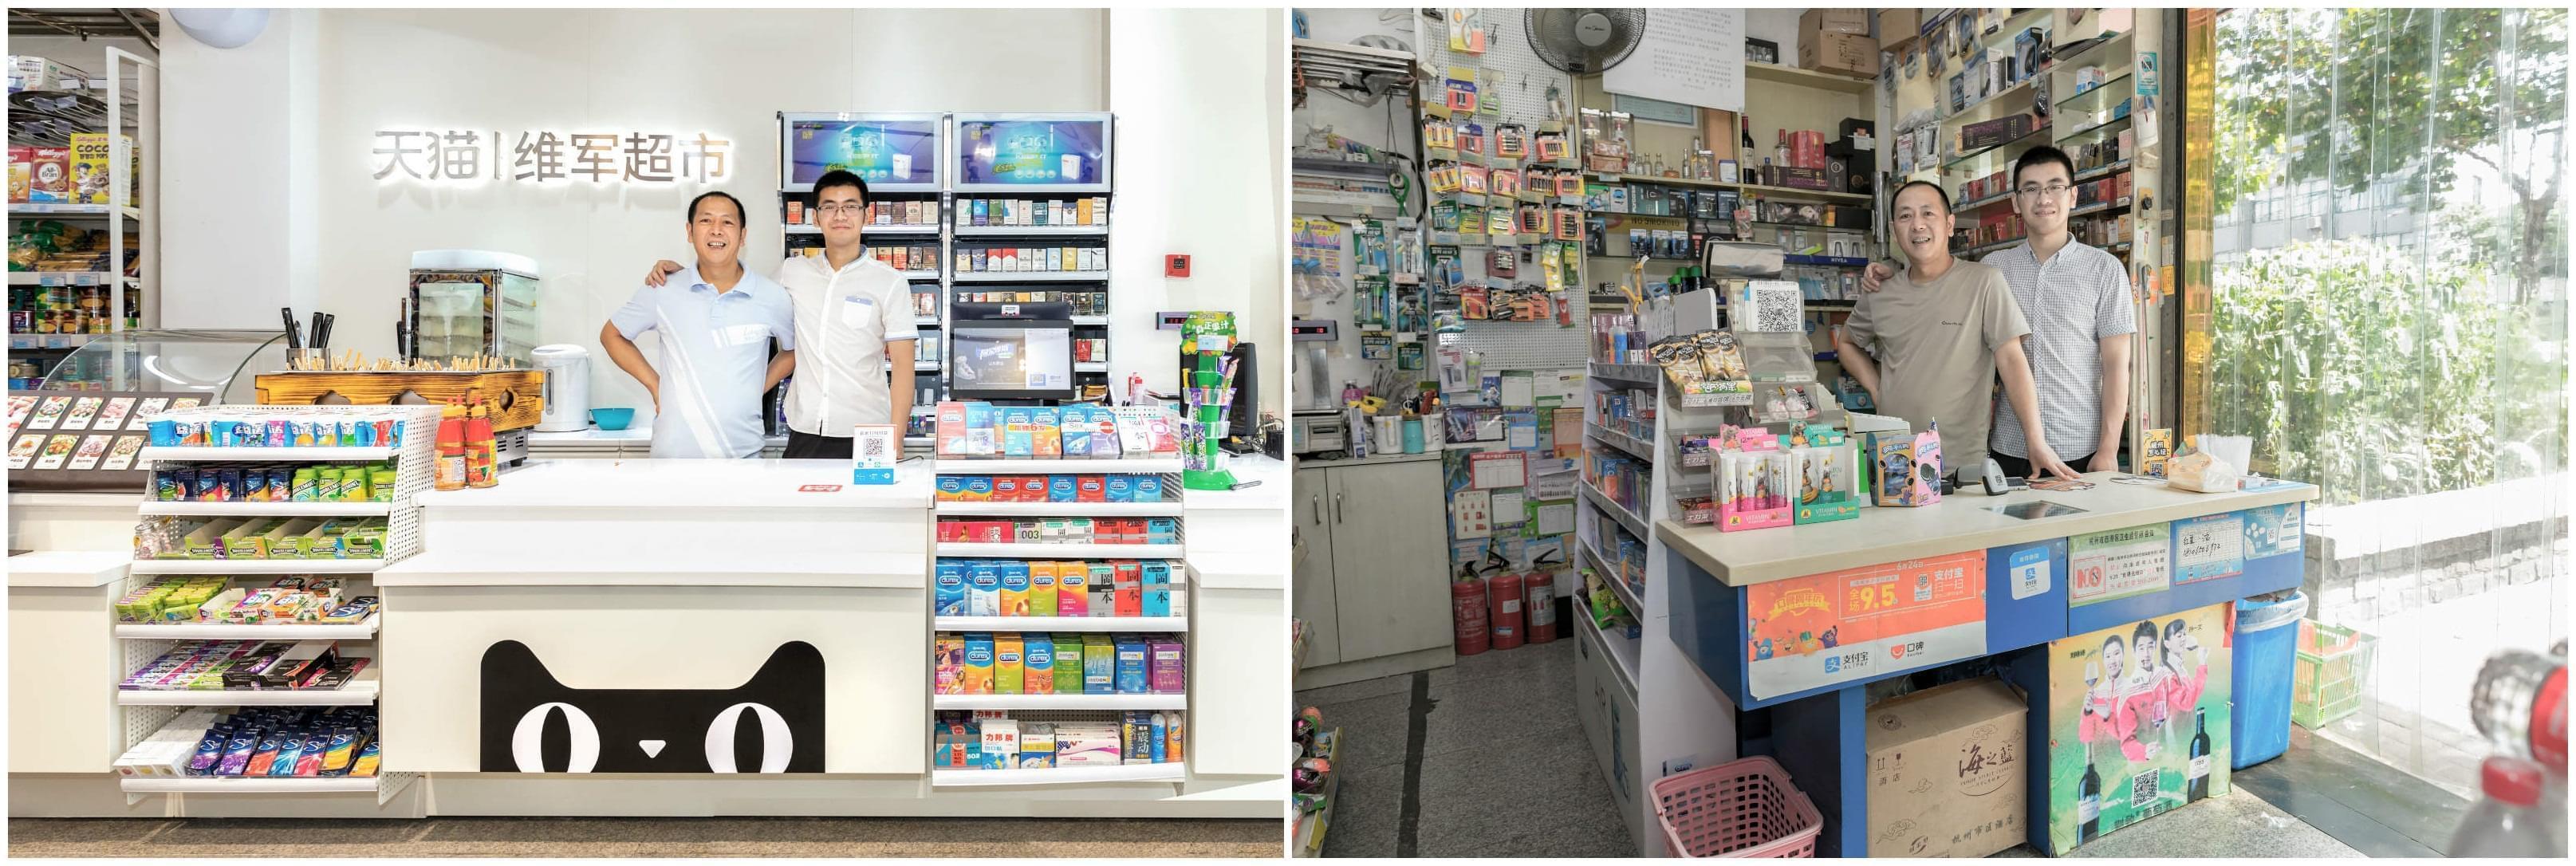 阿里、京东开起了便利店,都打算怎么开?